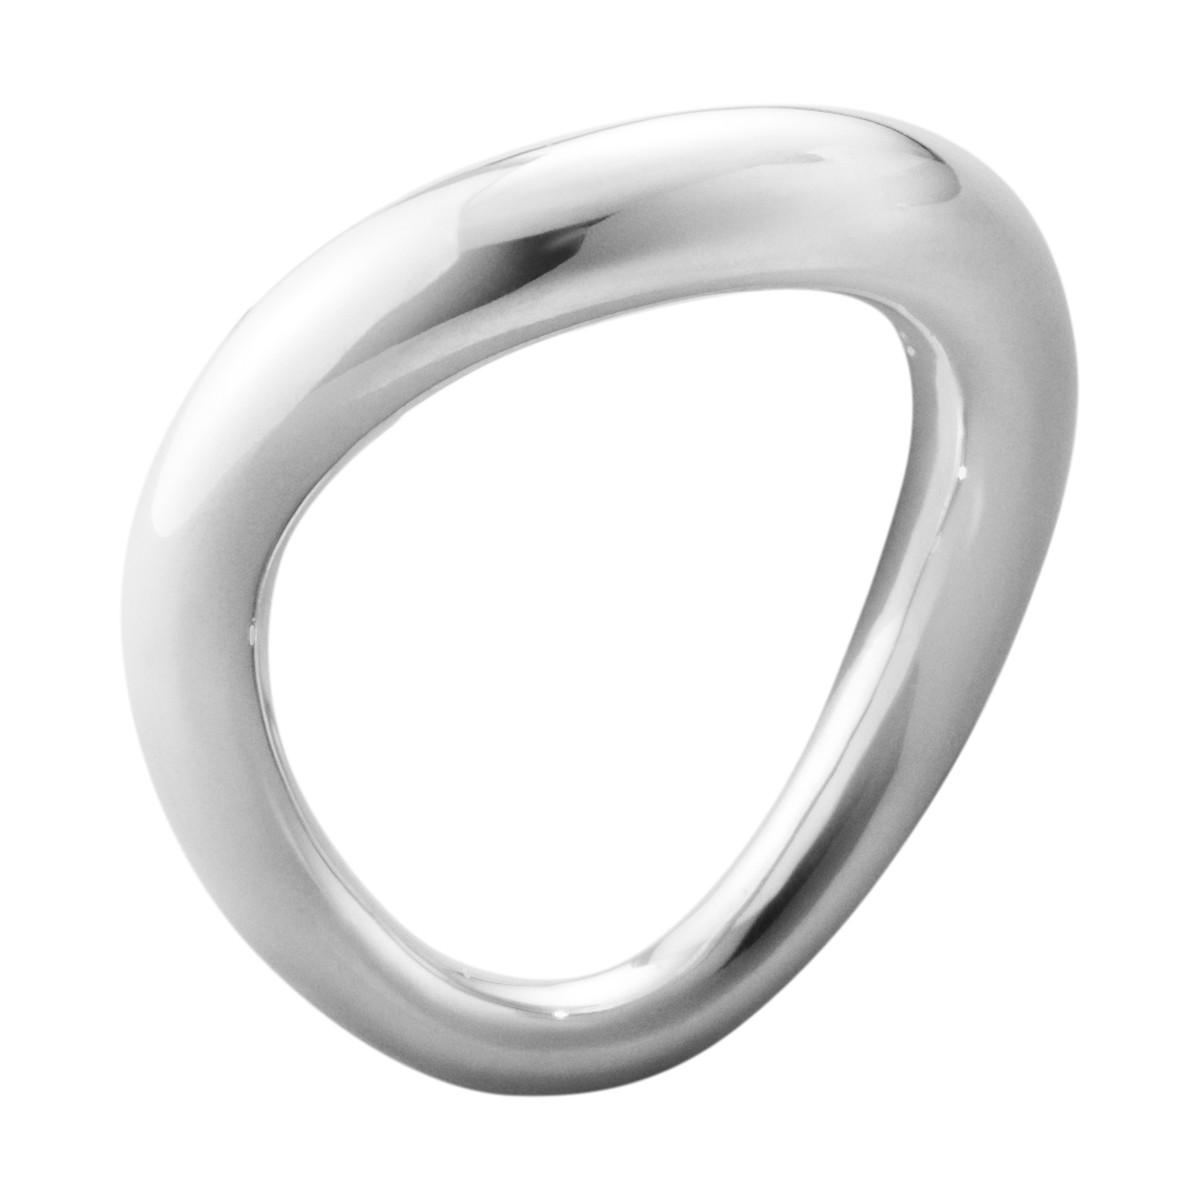 Georg Jensen OFFSPRING sølv ring - 10013245 Sølv 1